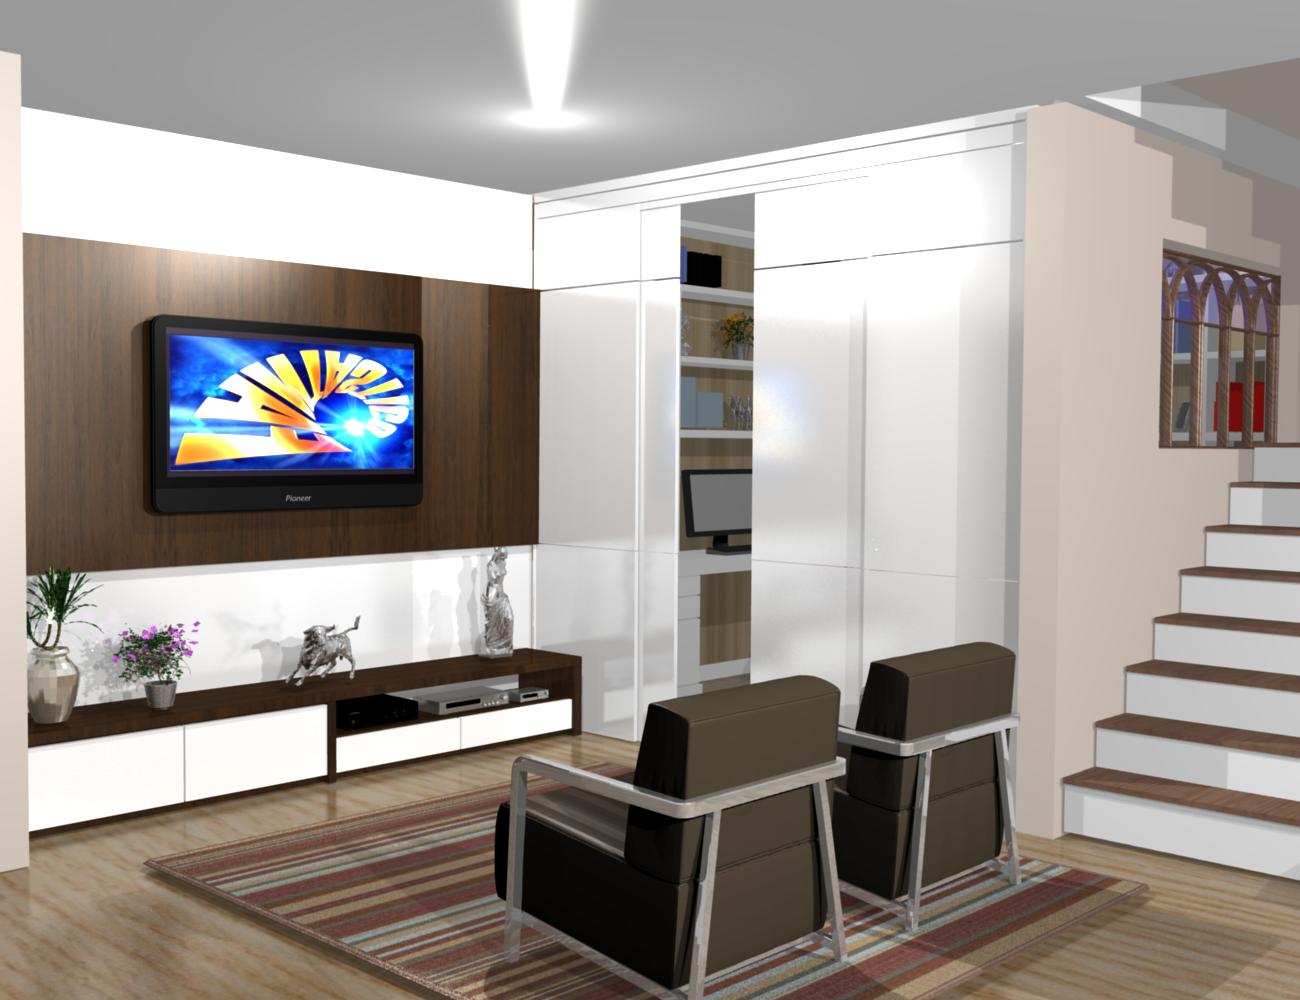 #0751C4  sob medida armários cozinha banheiro decoração painel lcd bar 1300x1000 px Projeto De Armario Embutido Para Cozinha #2741 imagens